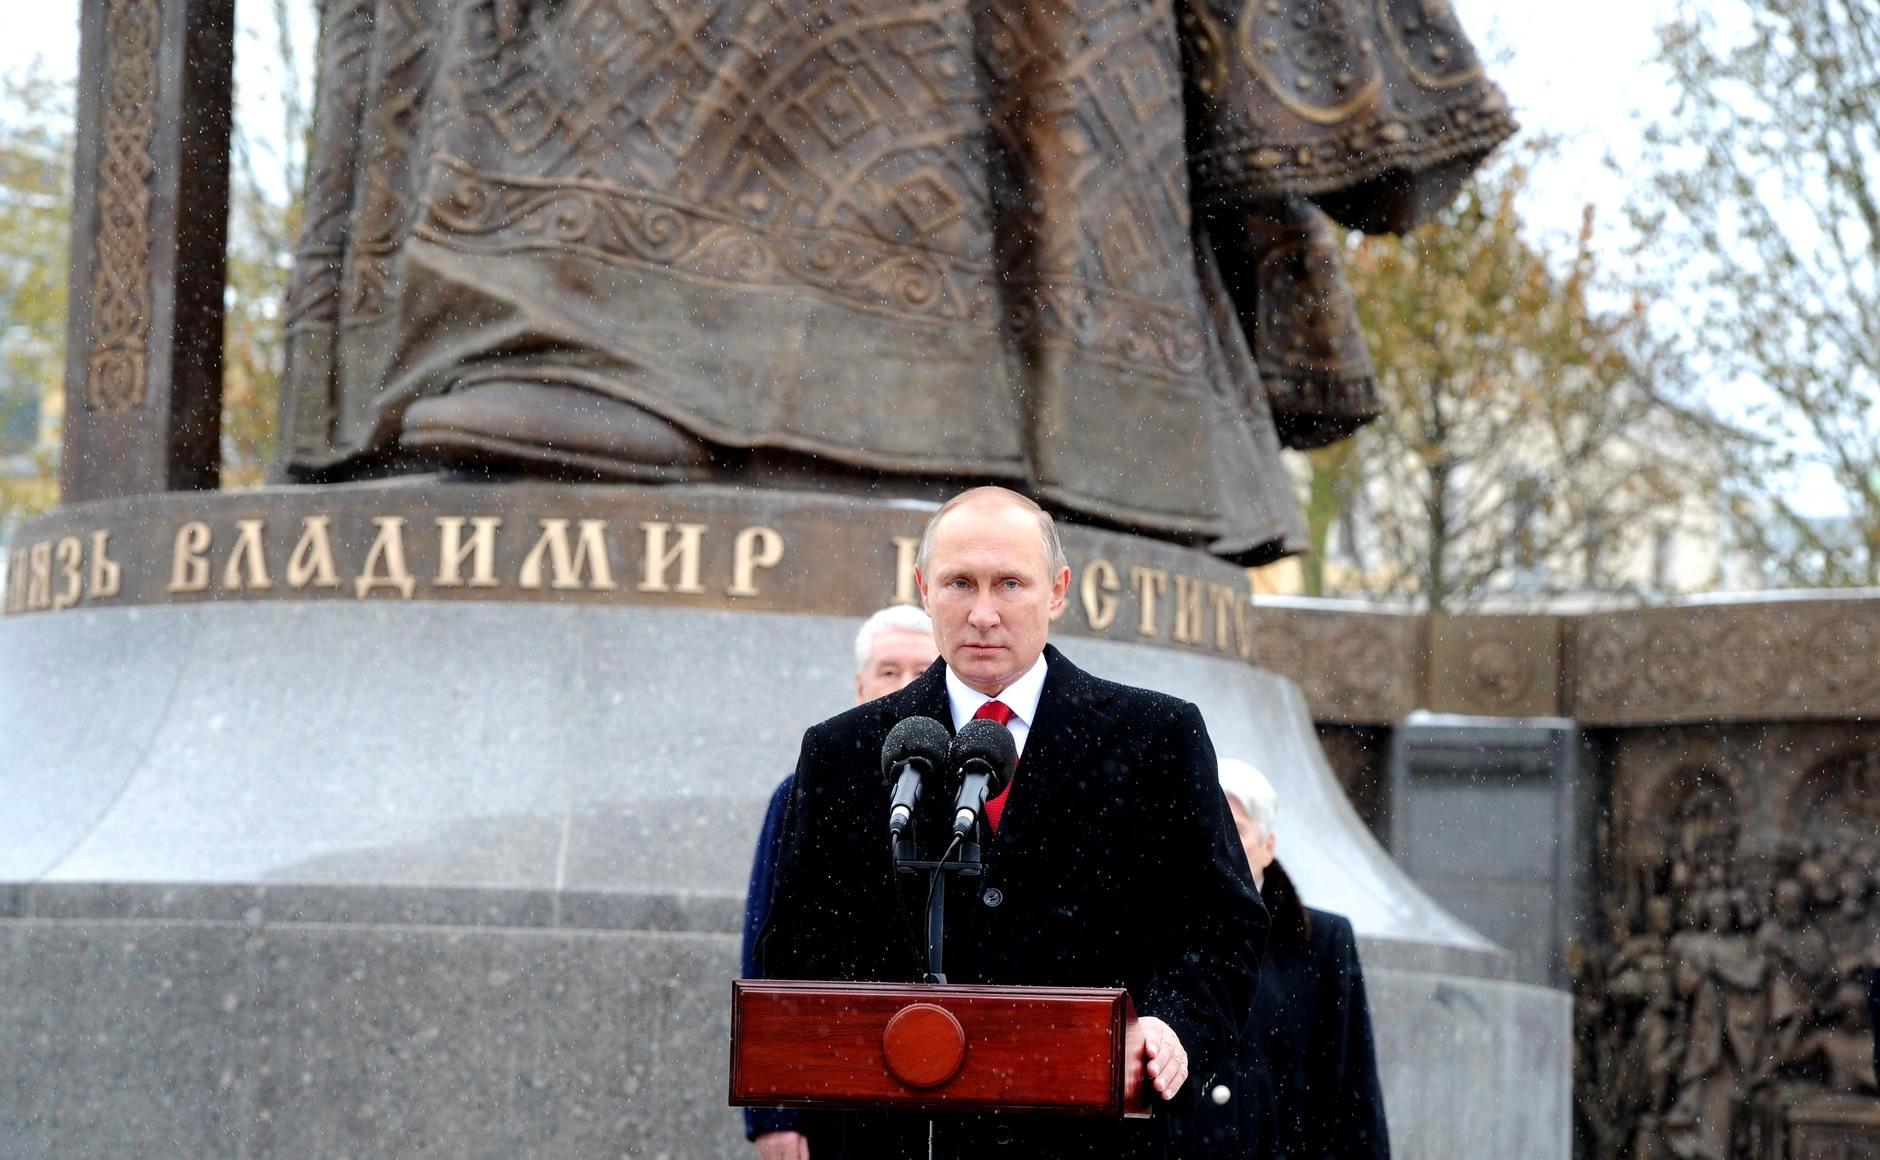 В Ярославль прилетел президент страны Владимир Путин